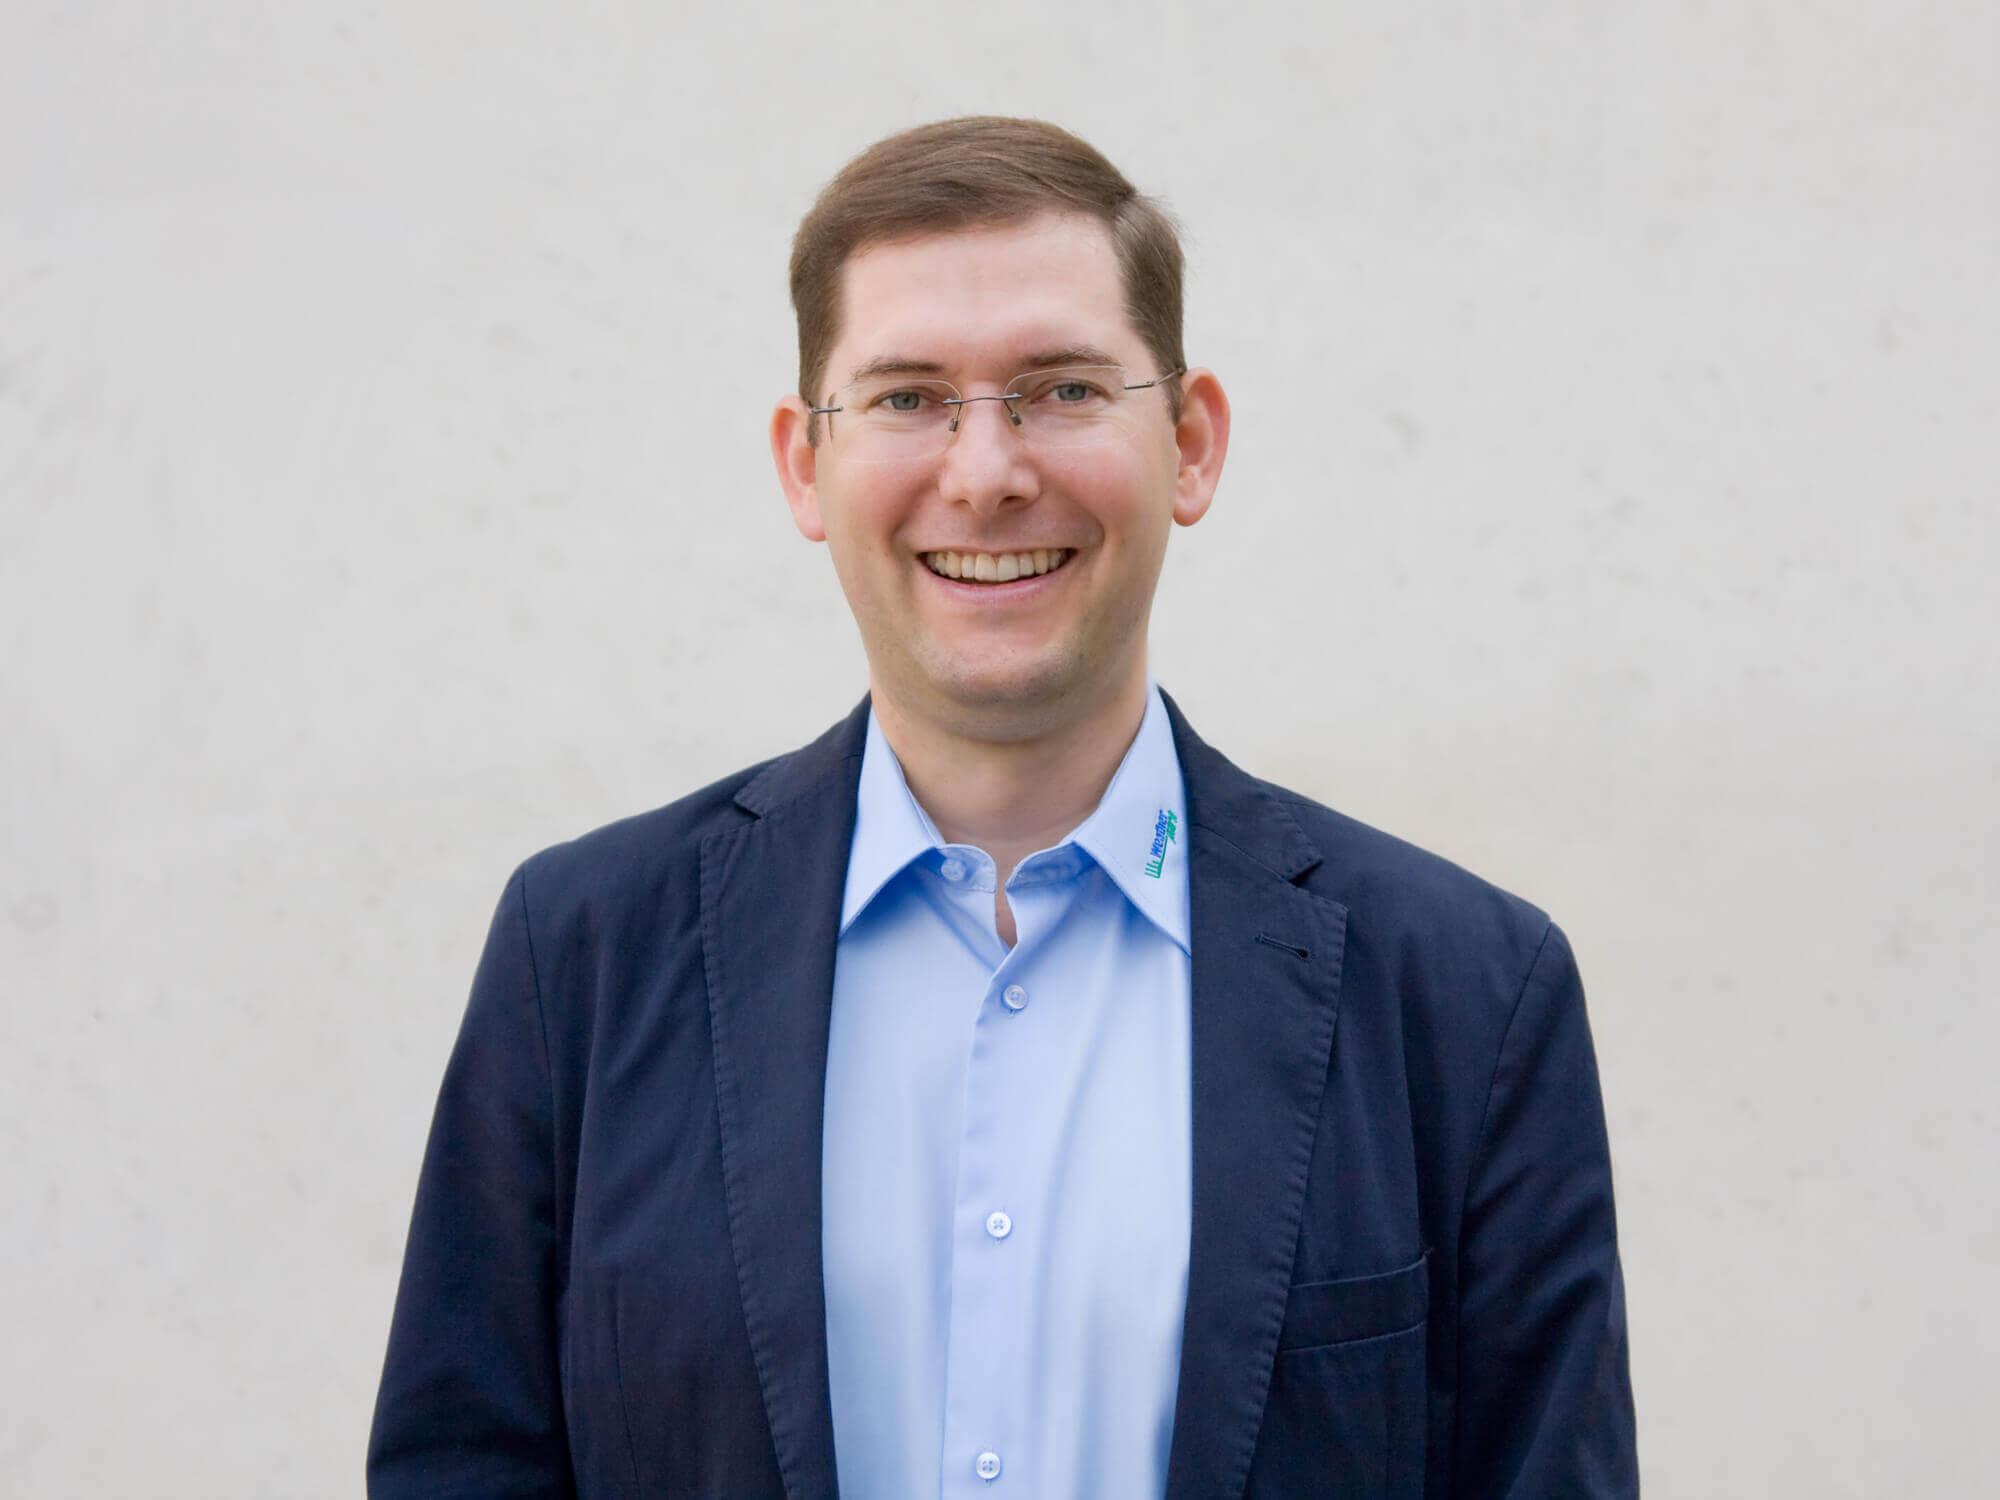 """Klimaexperte Simon Tschannett berät mit seinem Unternehmen """"Weatherpark"""" Städte, Planer und Architekten beim Umgang mit der Klimaerwärmung."""